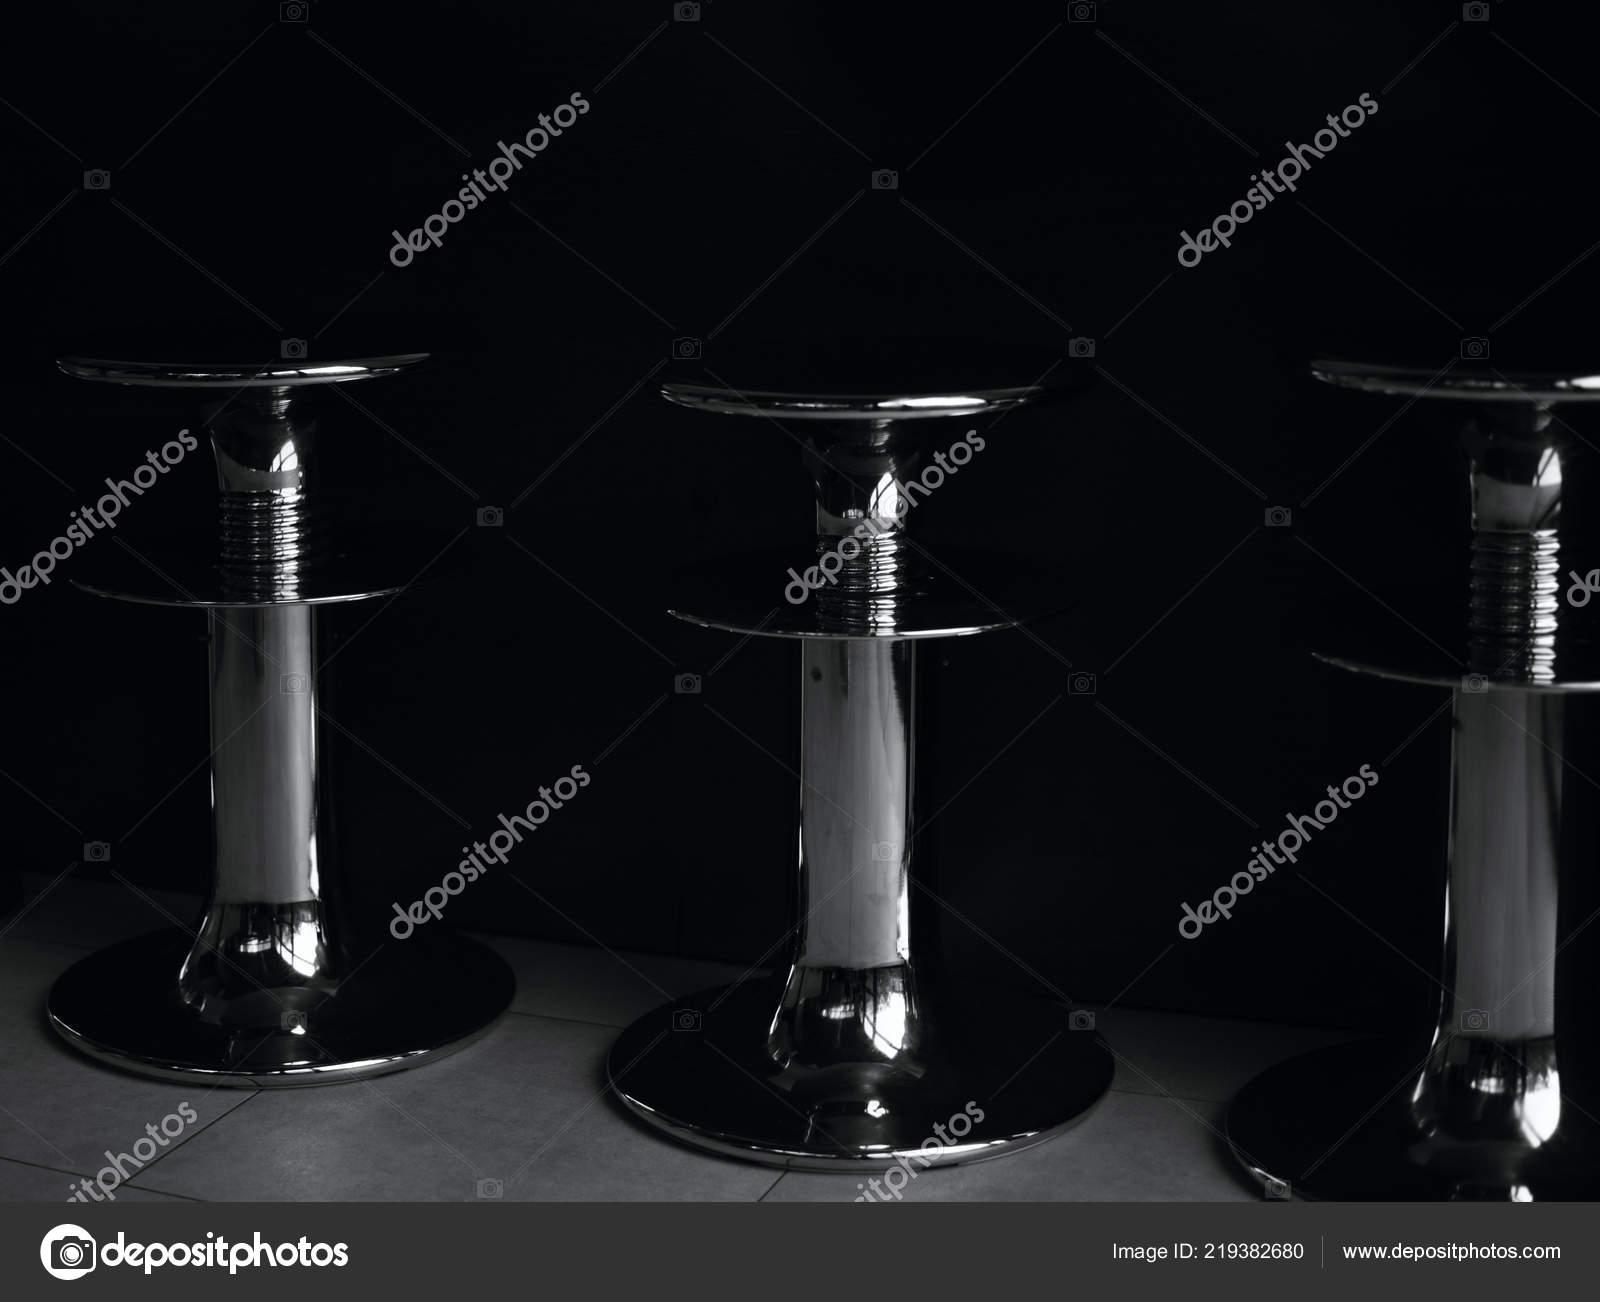 Bianco nero ritagliato foto nunch sgabelli bar u foto stock